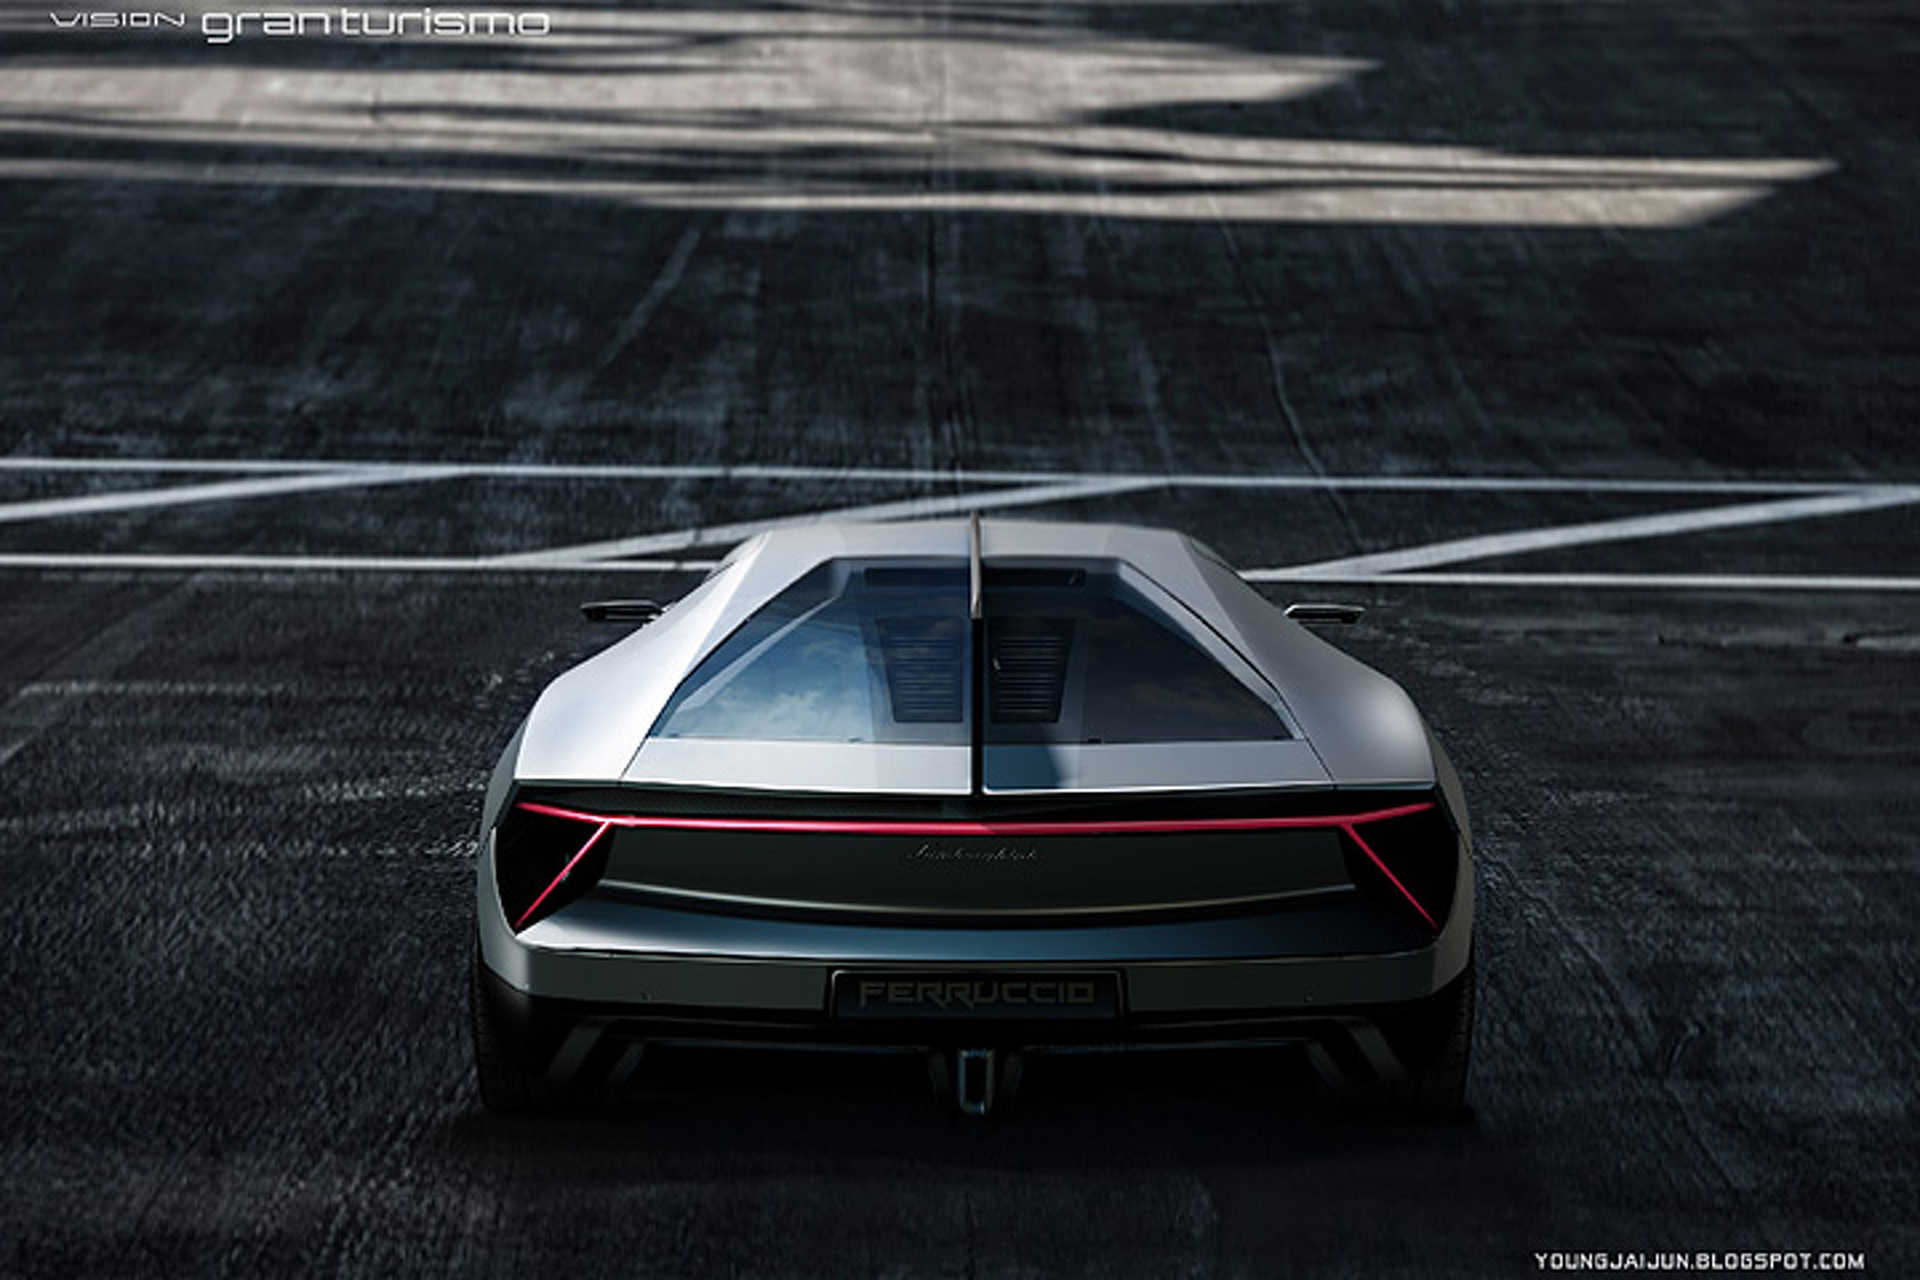 Lamborghini 'Missile' Concept is a 220MPH Blast to the Future